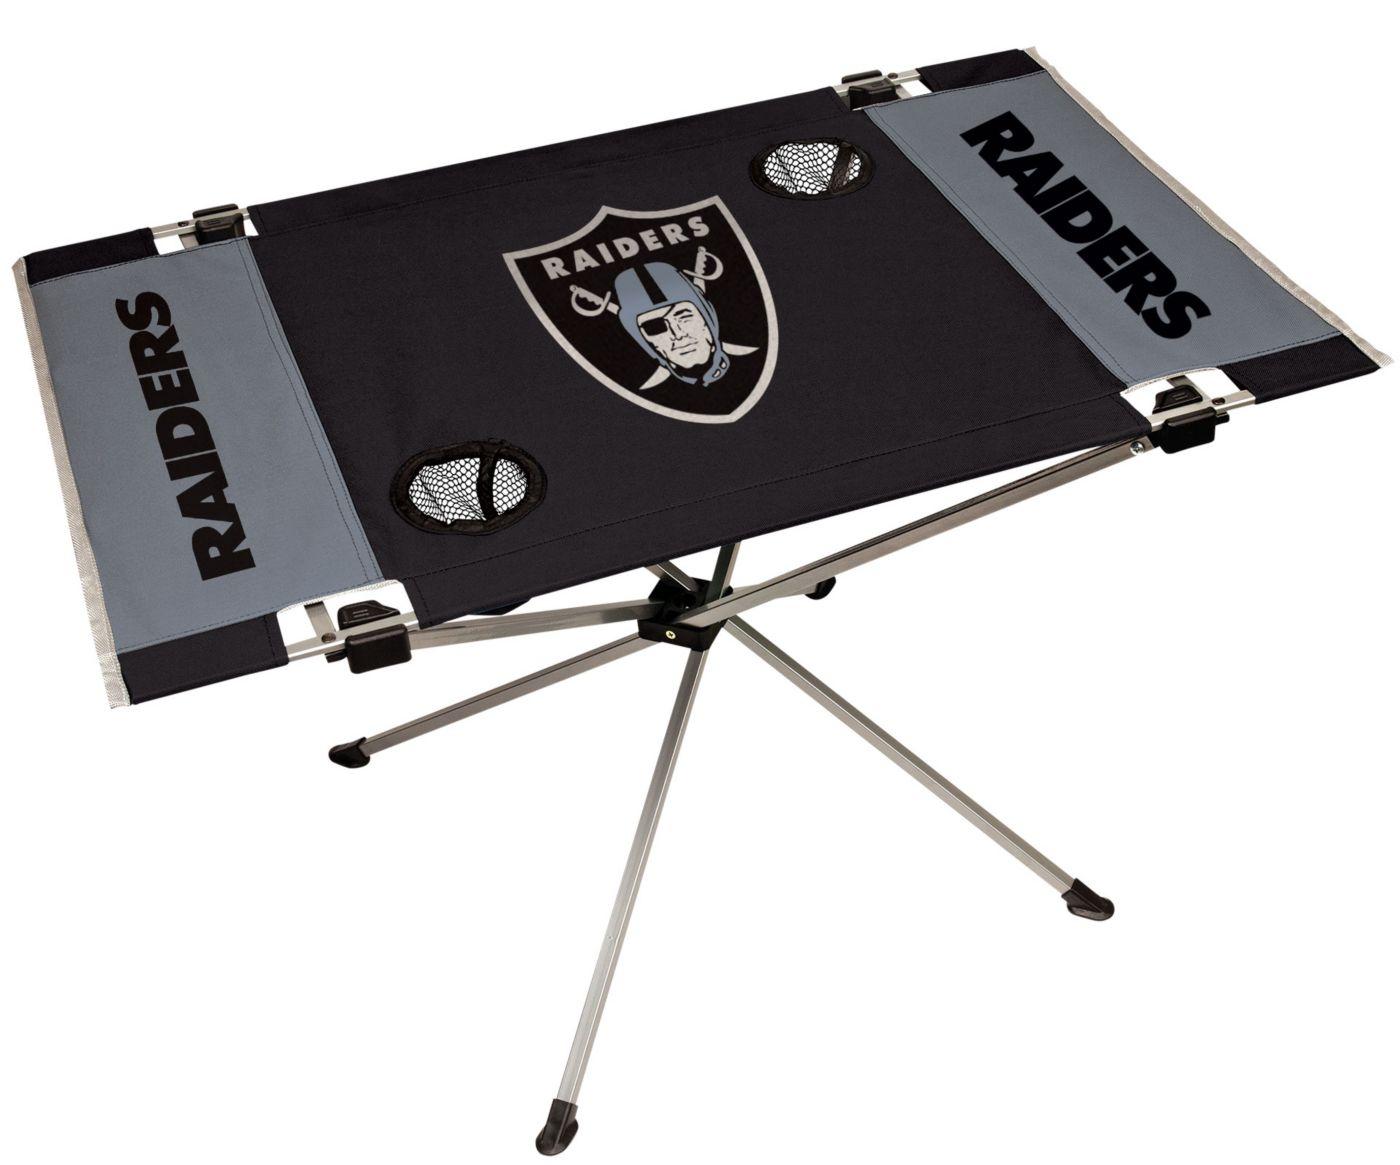 Rawlings Oakland Raiders Endzone Table